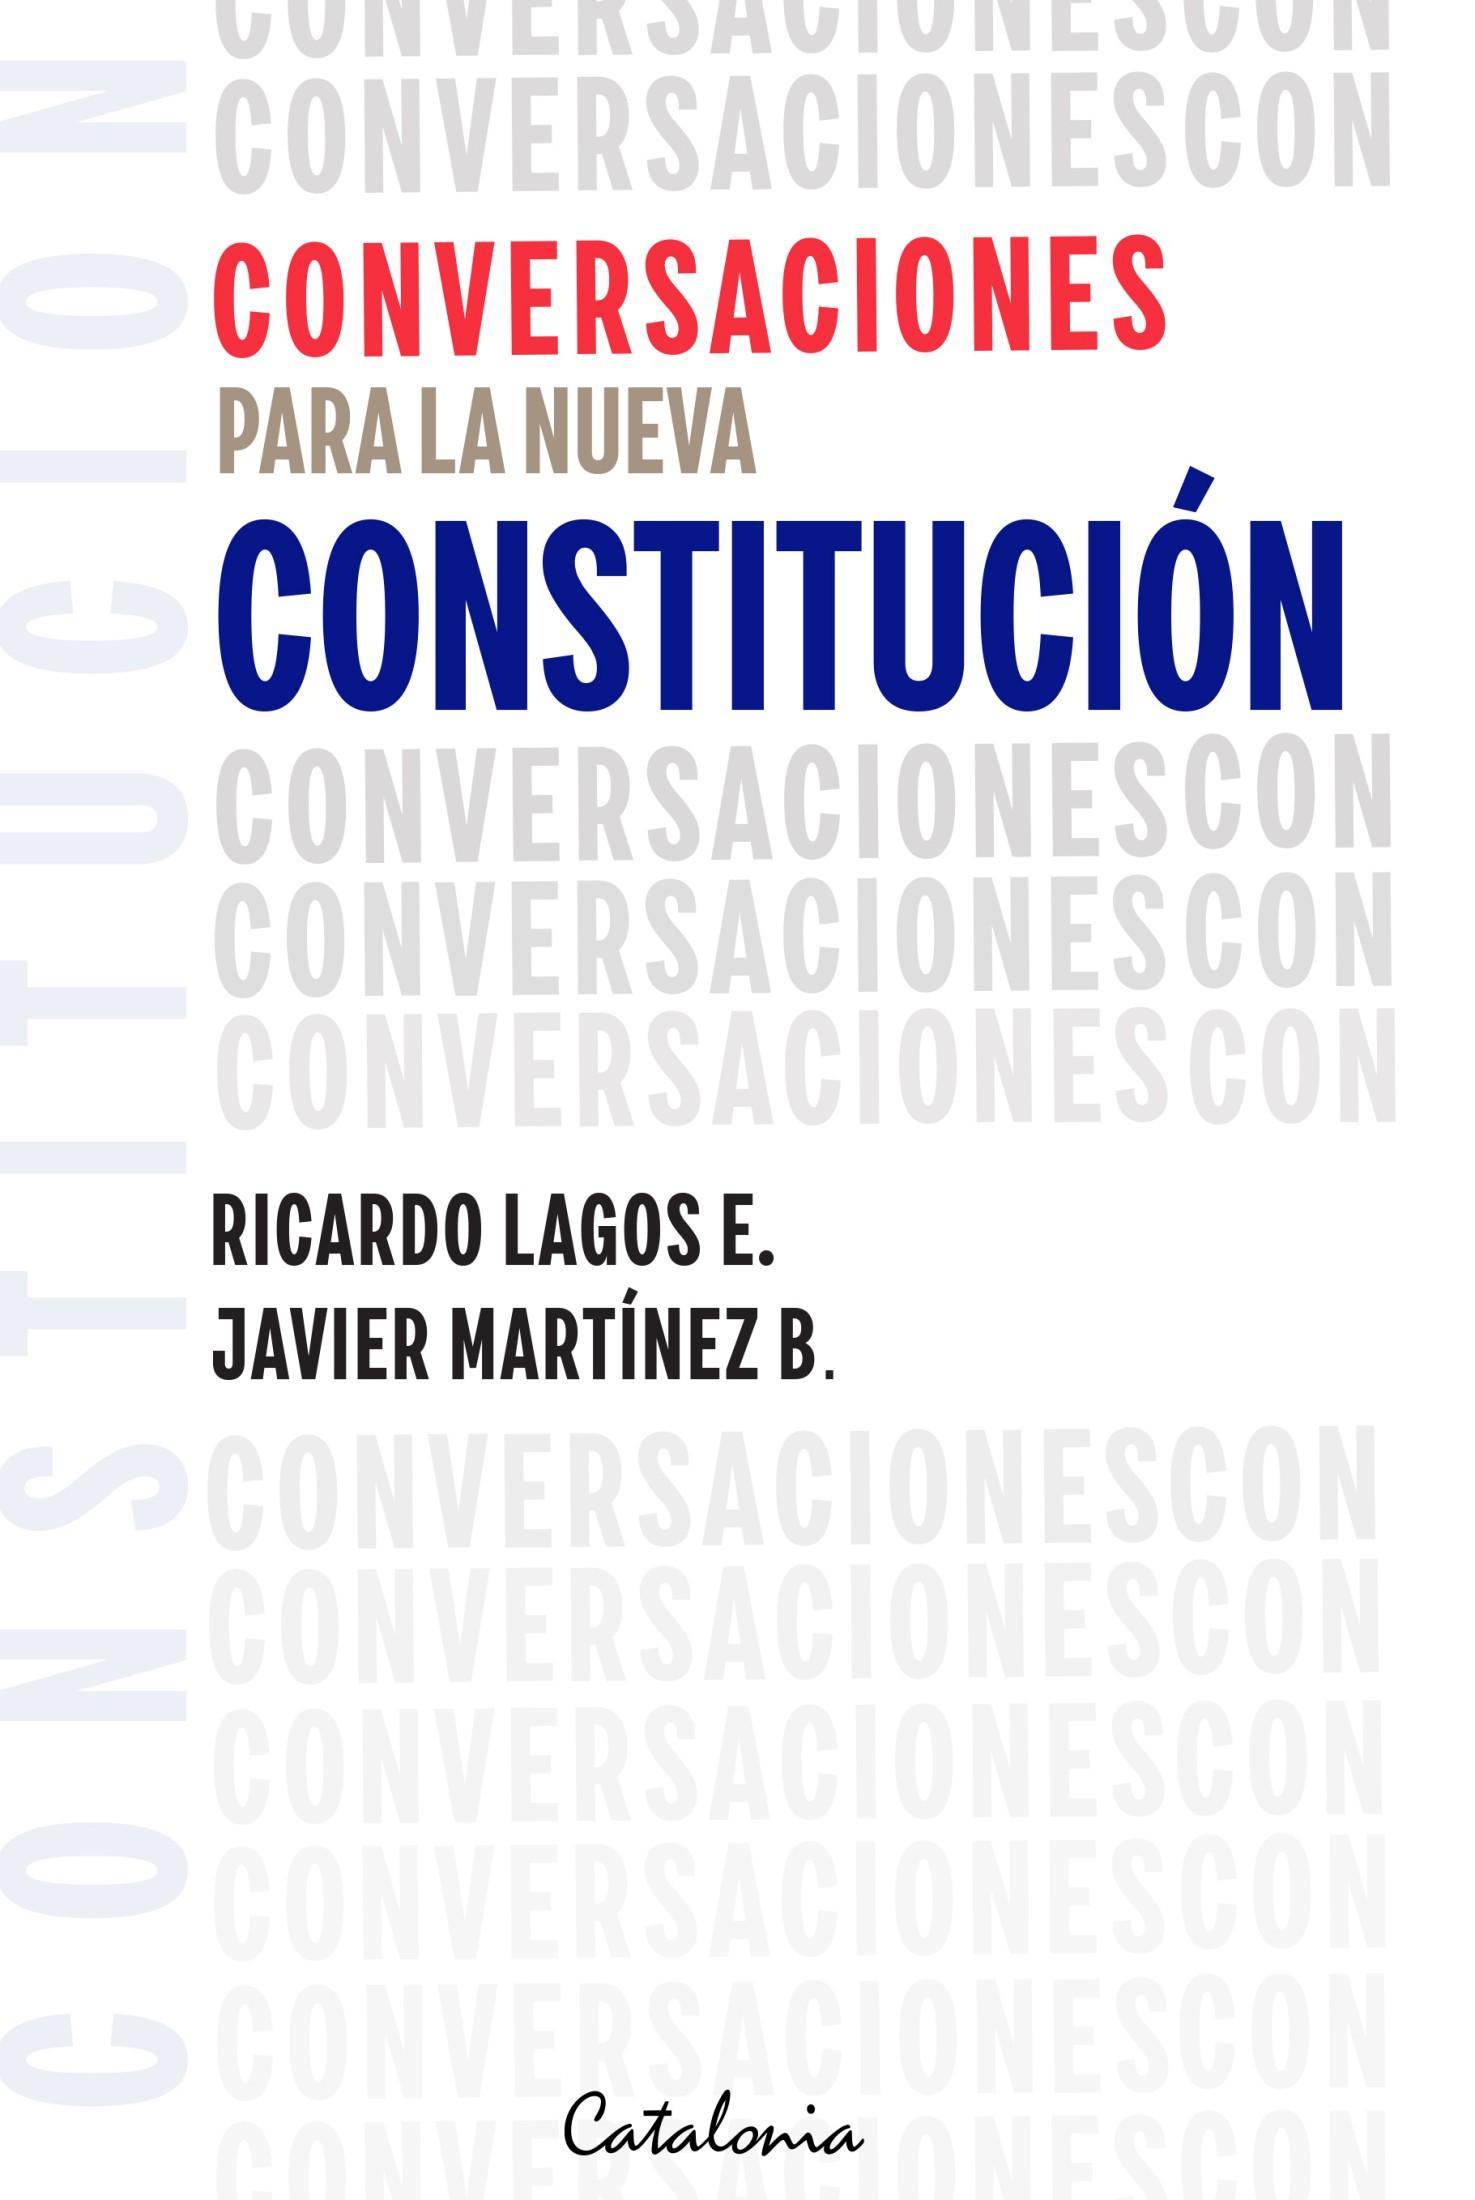 Conversaciones para la nueva Constitución